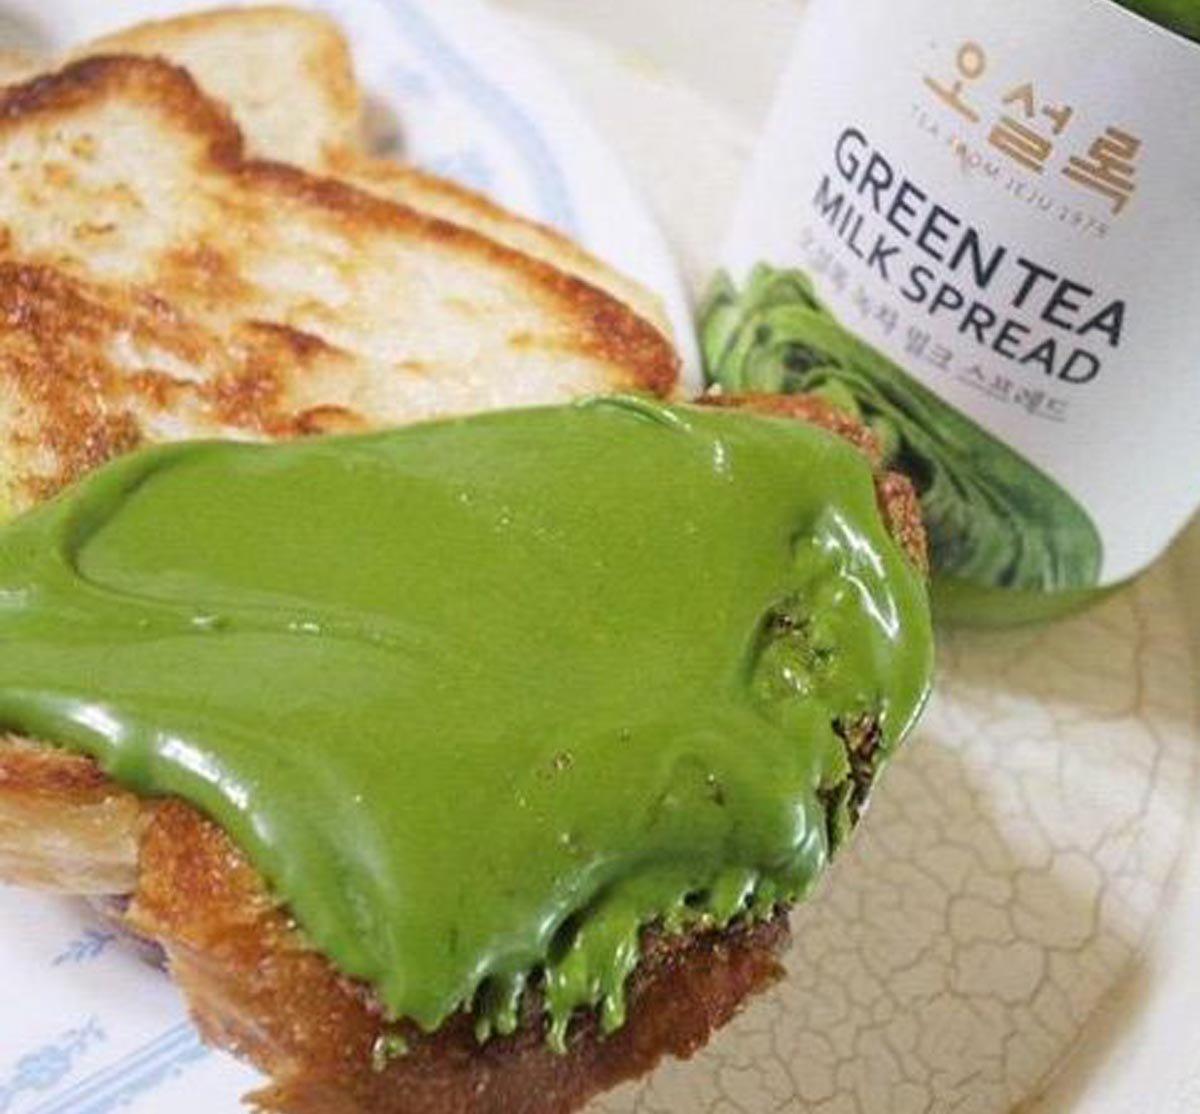 Osulloc El té verde - dulce mermelada de difusión lechosa (3 paquete): Amazon.es: Alimentación y bebidas